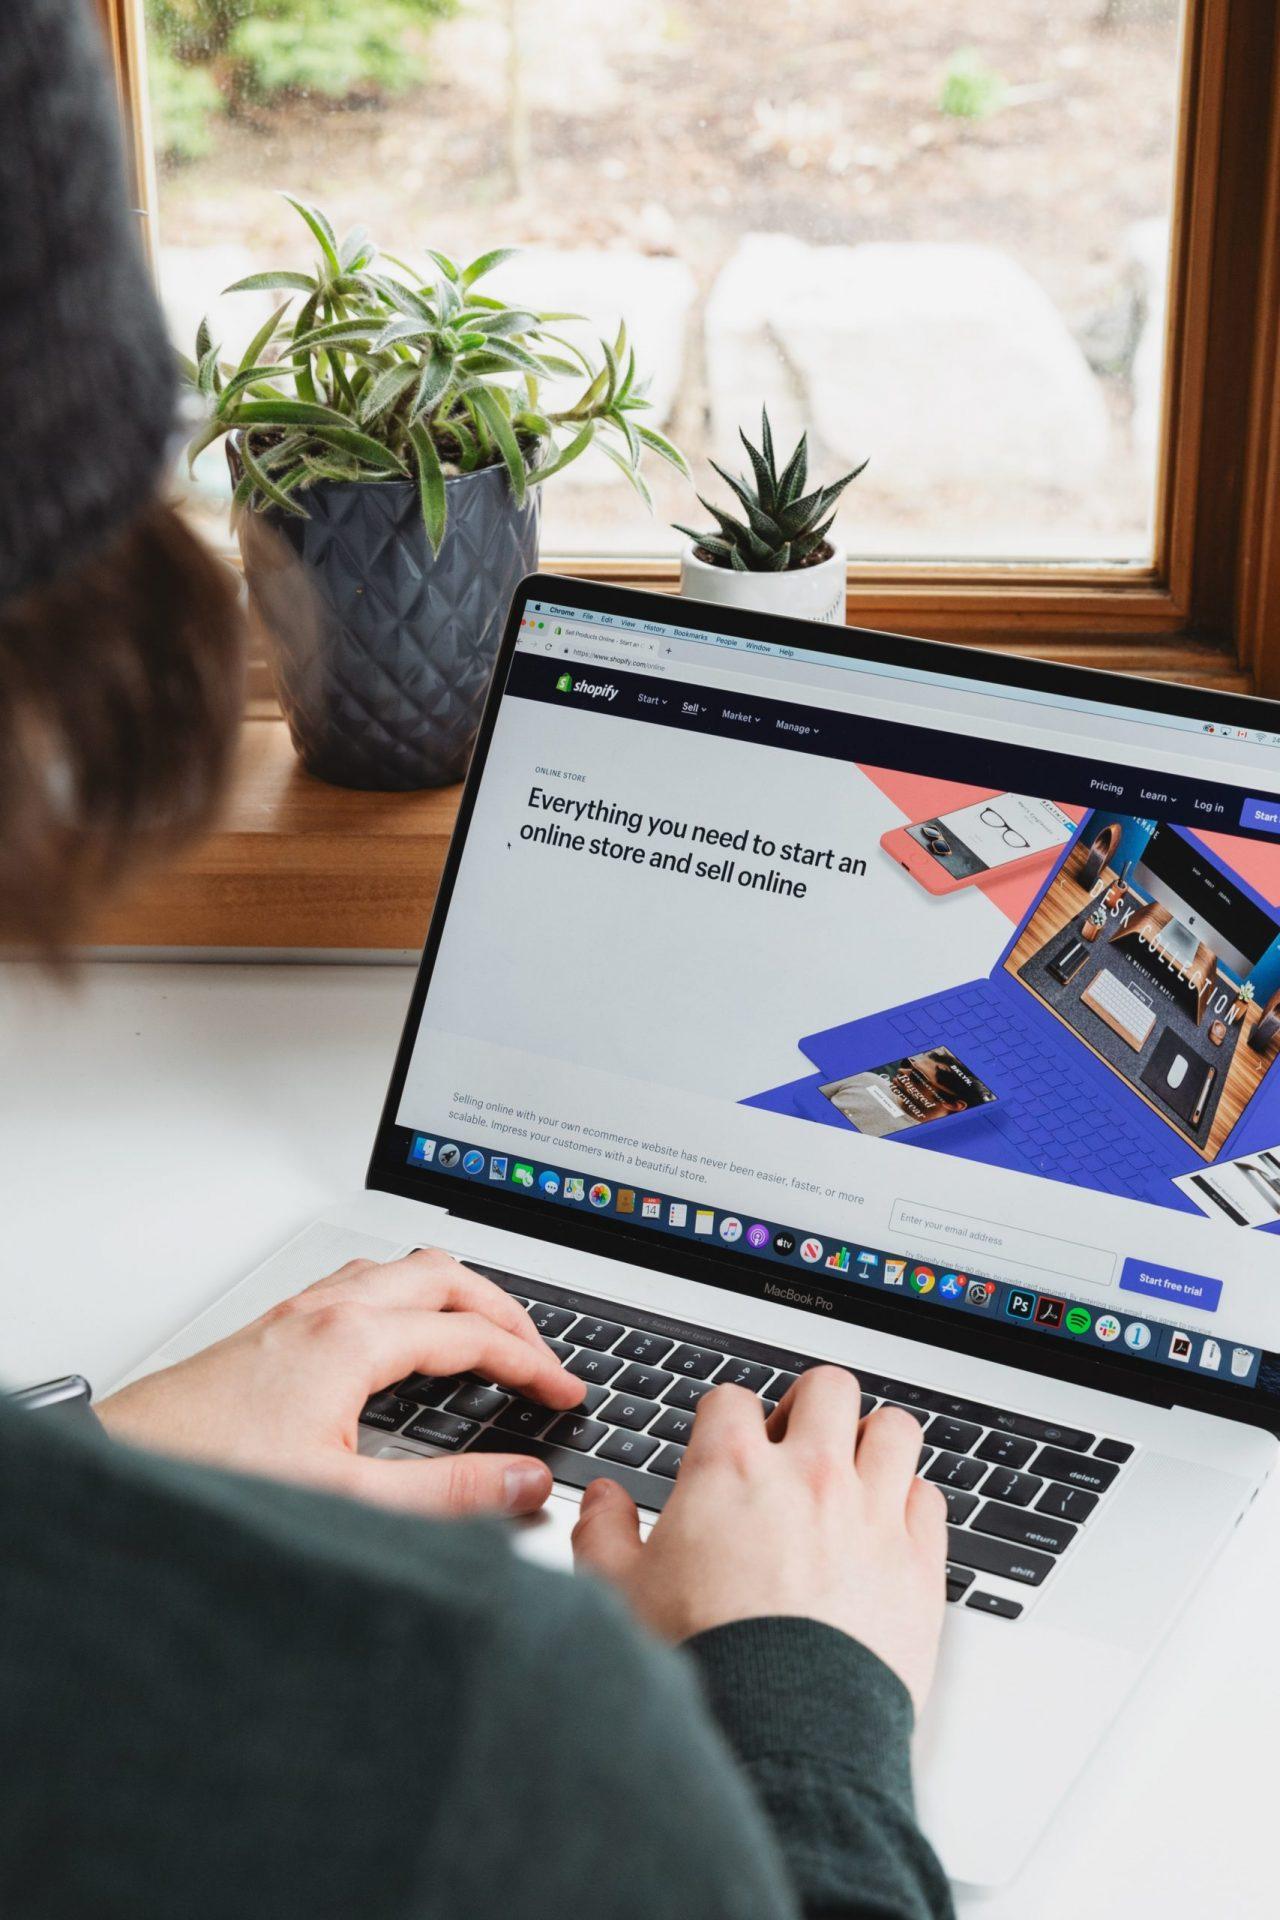 Shopify on laptop